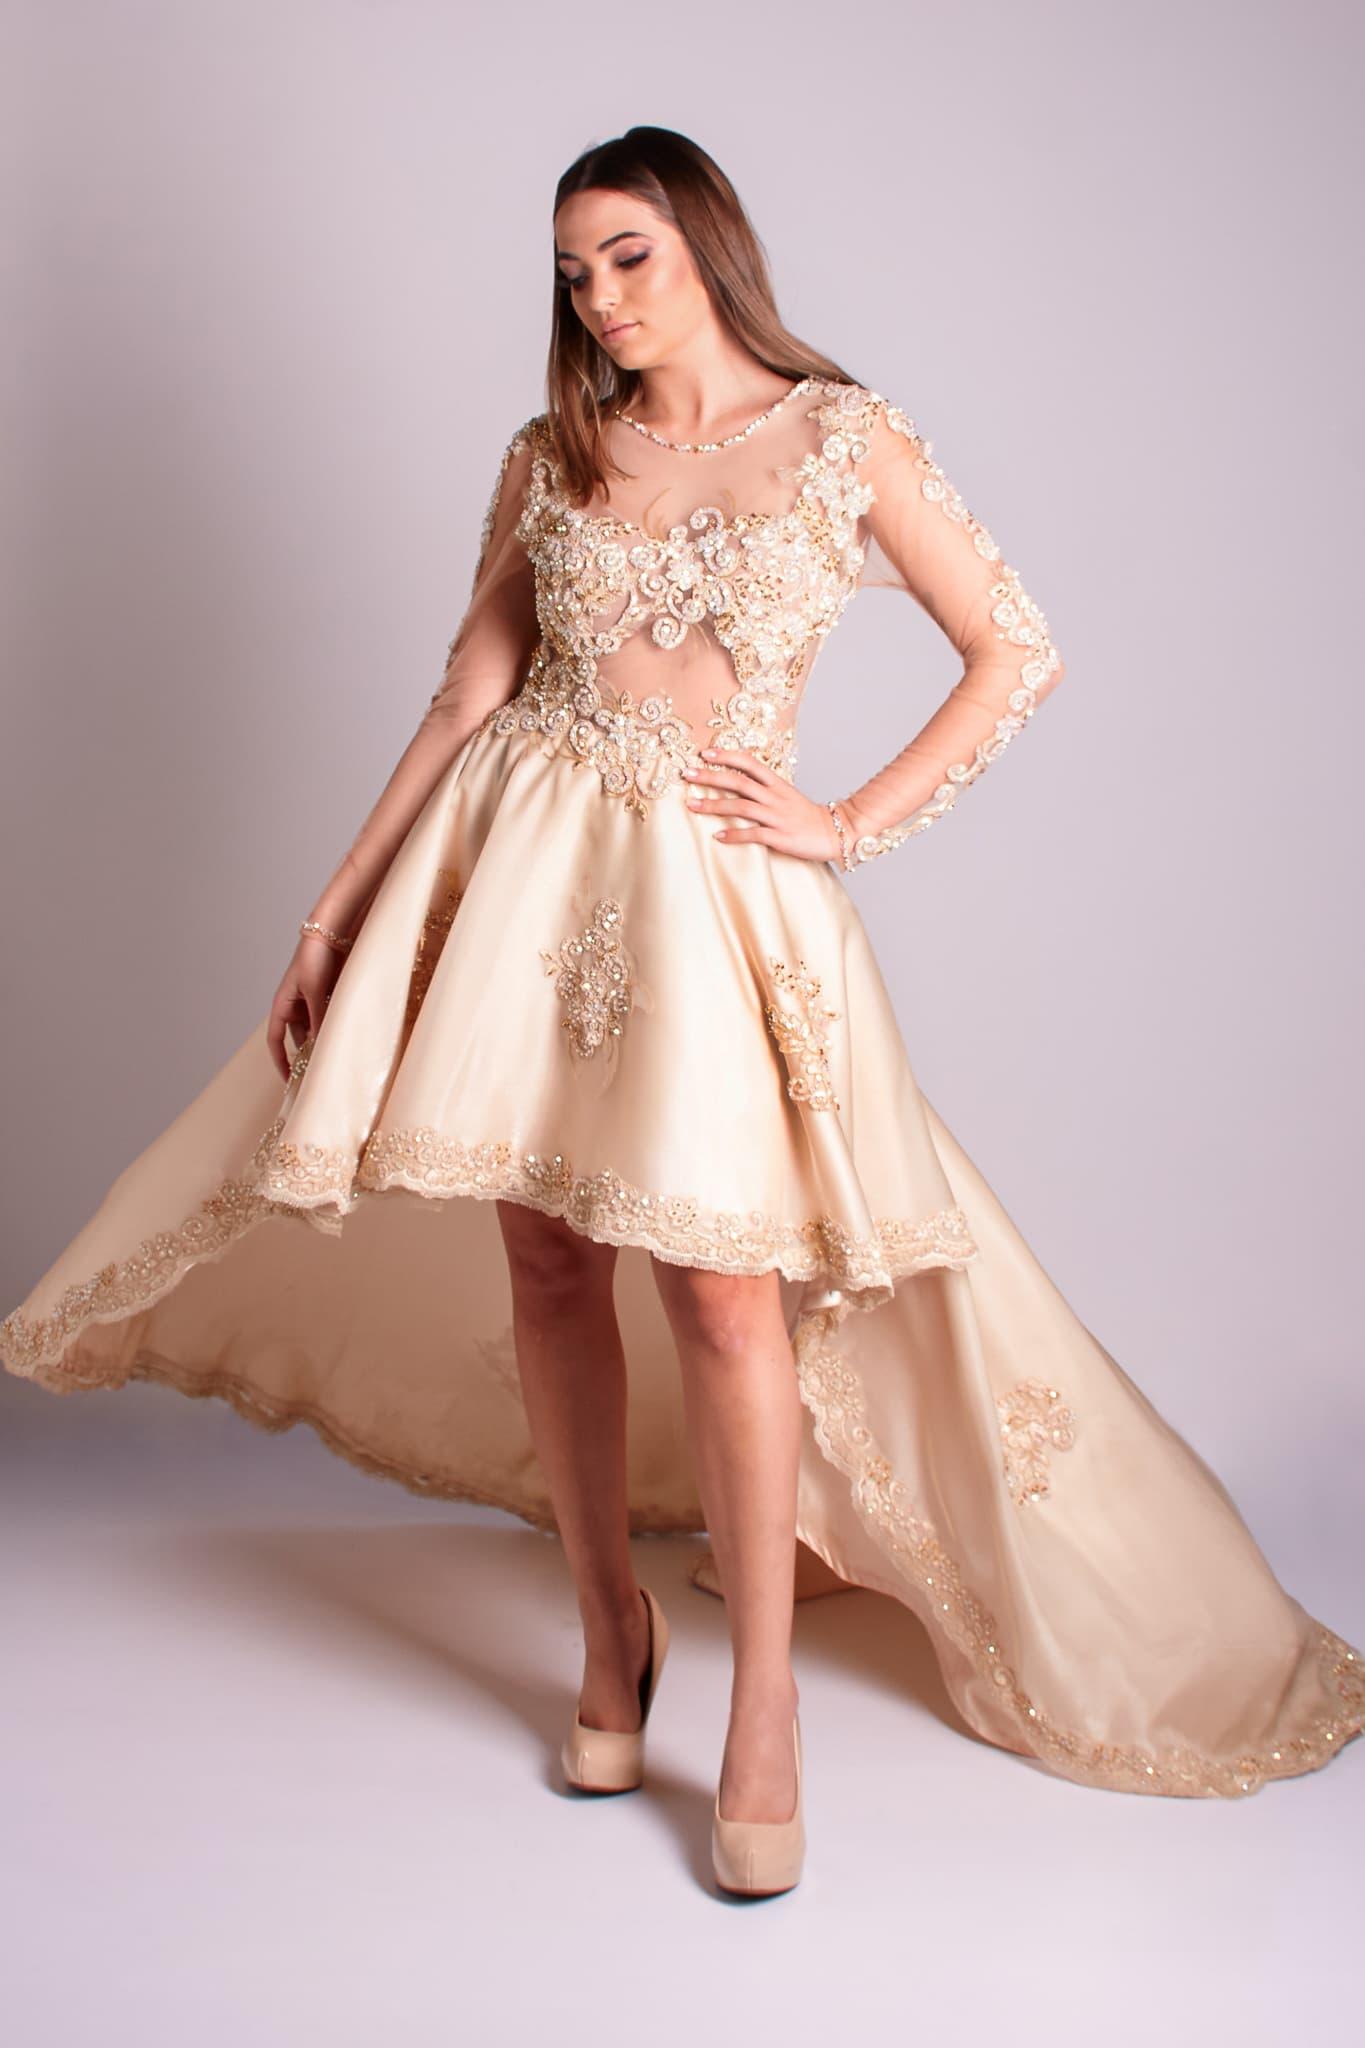 14 - Vestido de renda dourada com manga longa e saia mullet